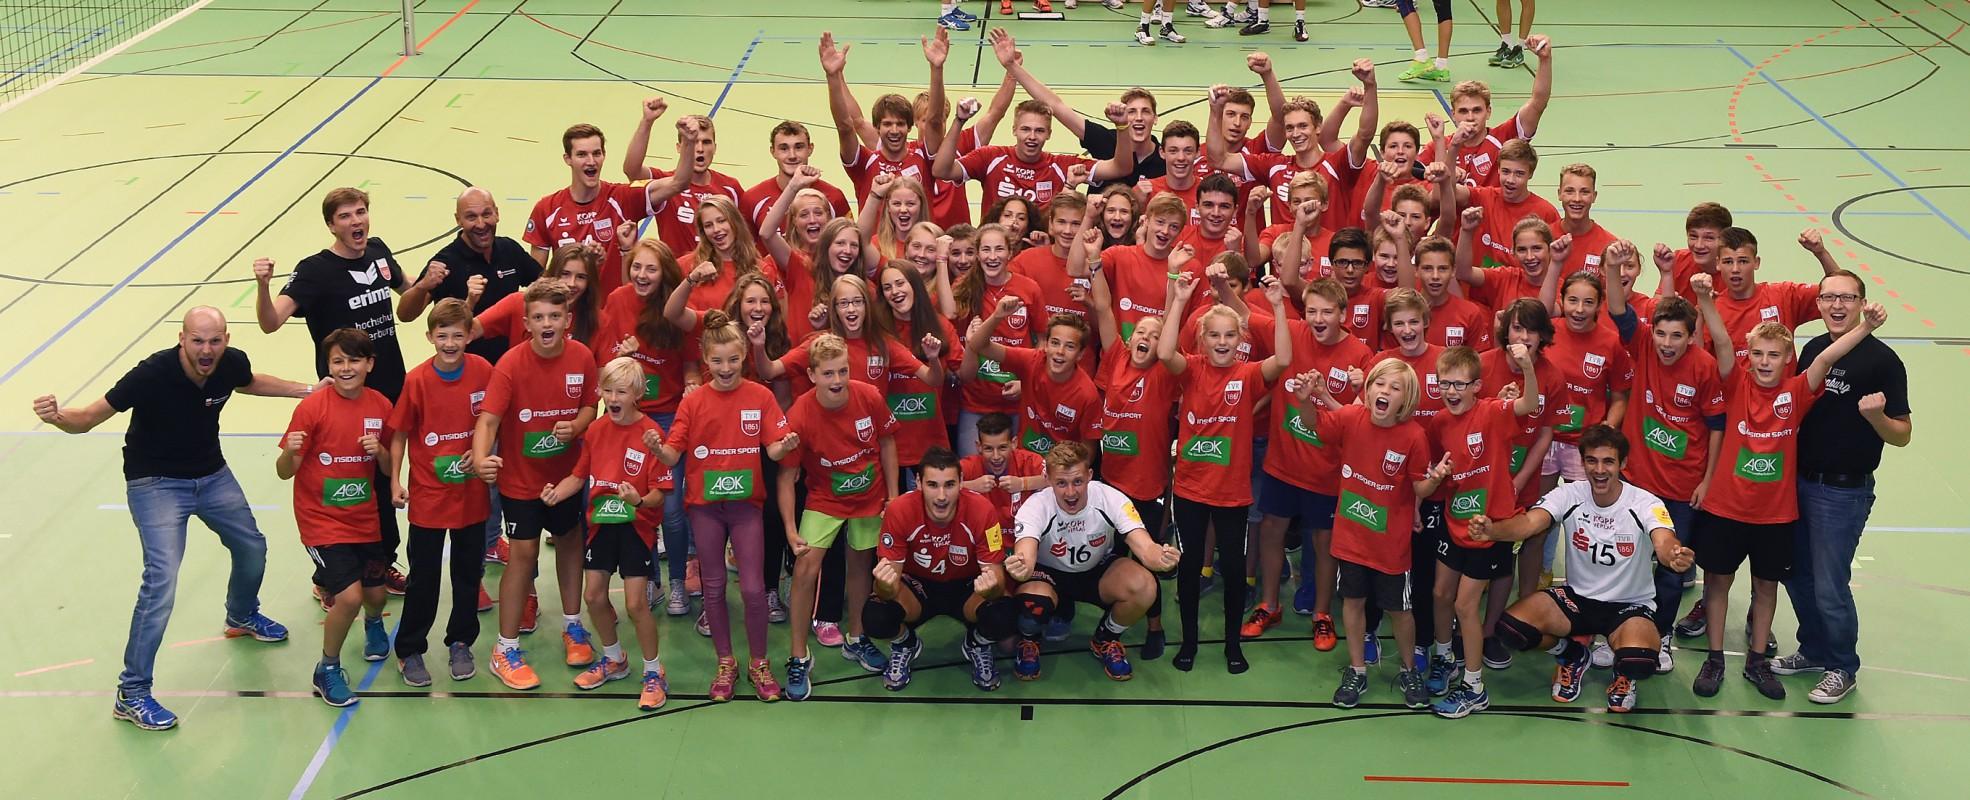 Bundesligaprofis sind Deine Coaches: Jetzt zum AOK-volleycamp des TVR anmelden - Foto: TVR Volleyball